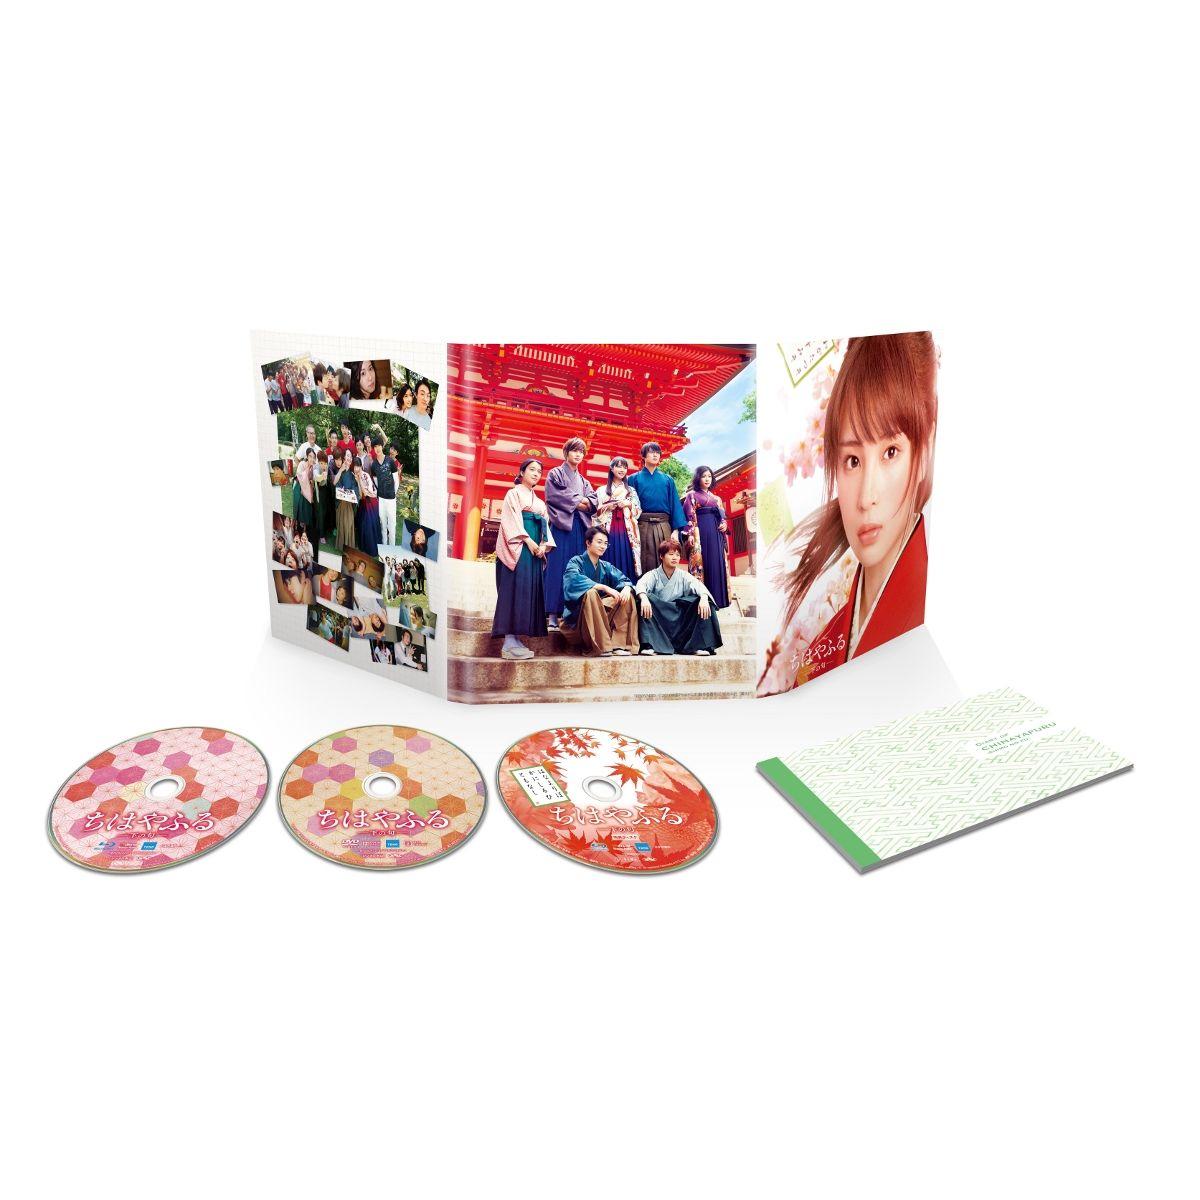 ちはやふる -下の句- 豪華版 Blu-ray&DVDセット(特典Blu-ray付)[TBR-26248D][Blu-ray/ブルーレイ]